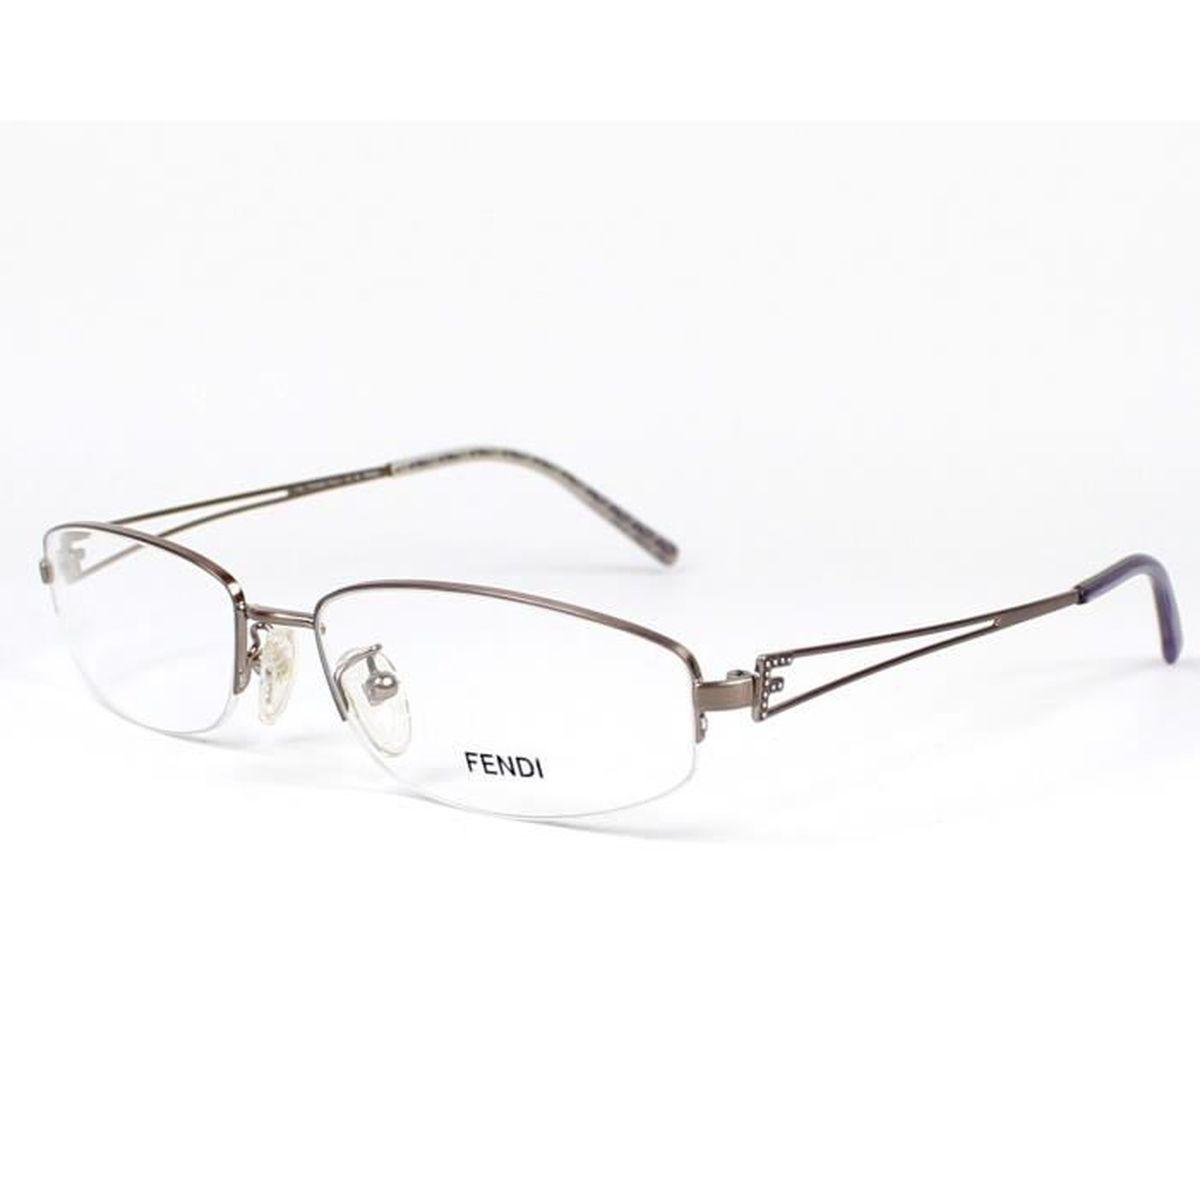 Lunettes de vue Fendi F615RI -688 Rose - Achat   Vente lunettes de ... eb38816ccb98